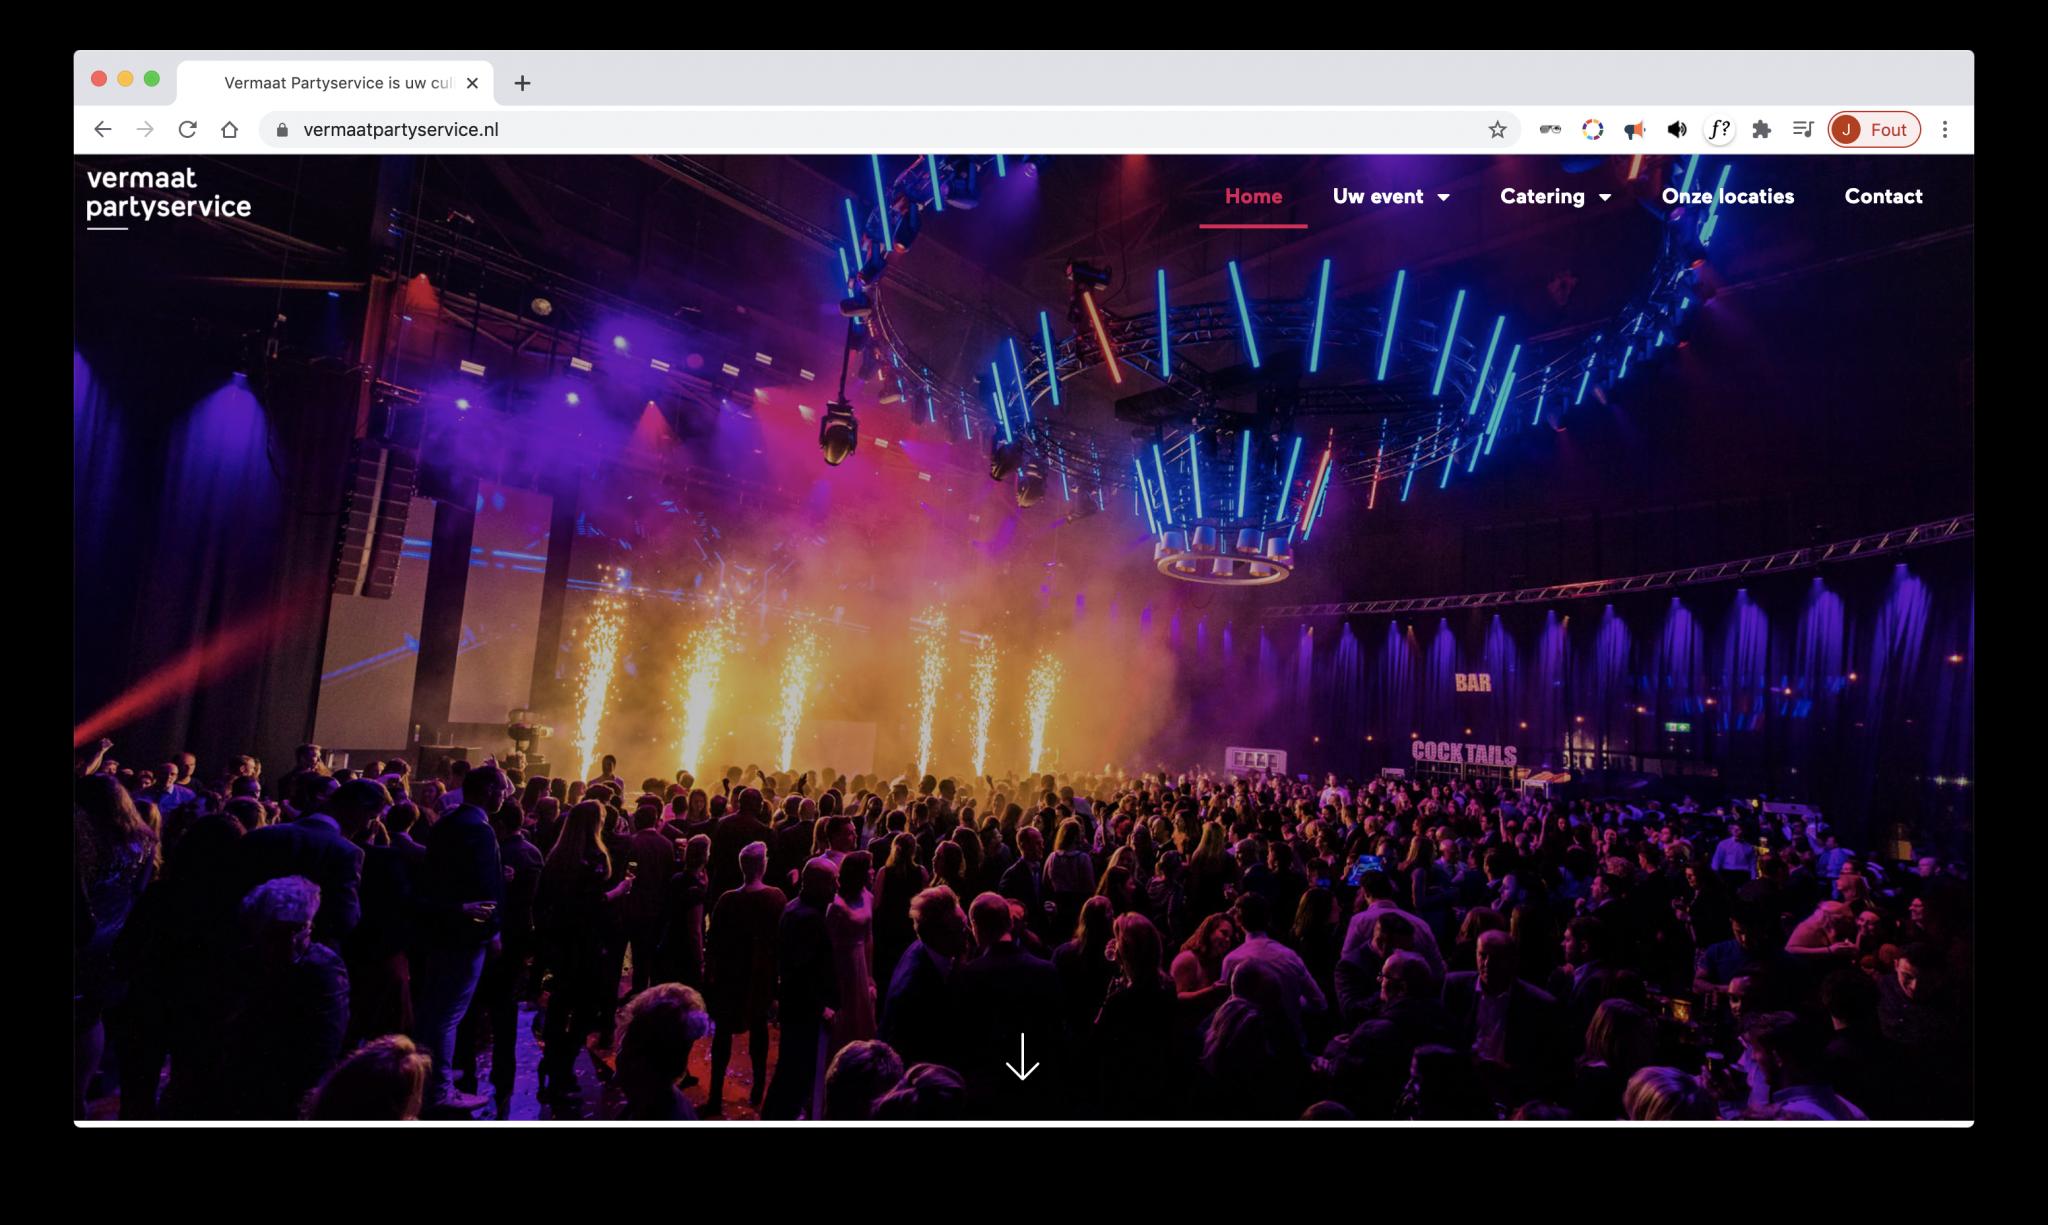 Schermafbeelding 2020-09-24 om 20.31.07